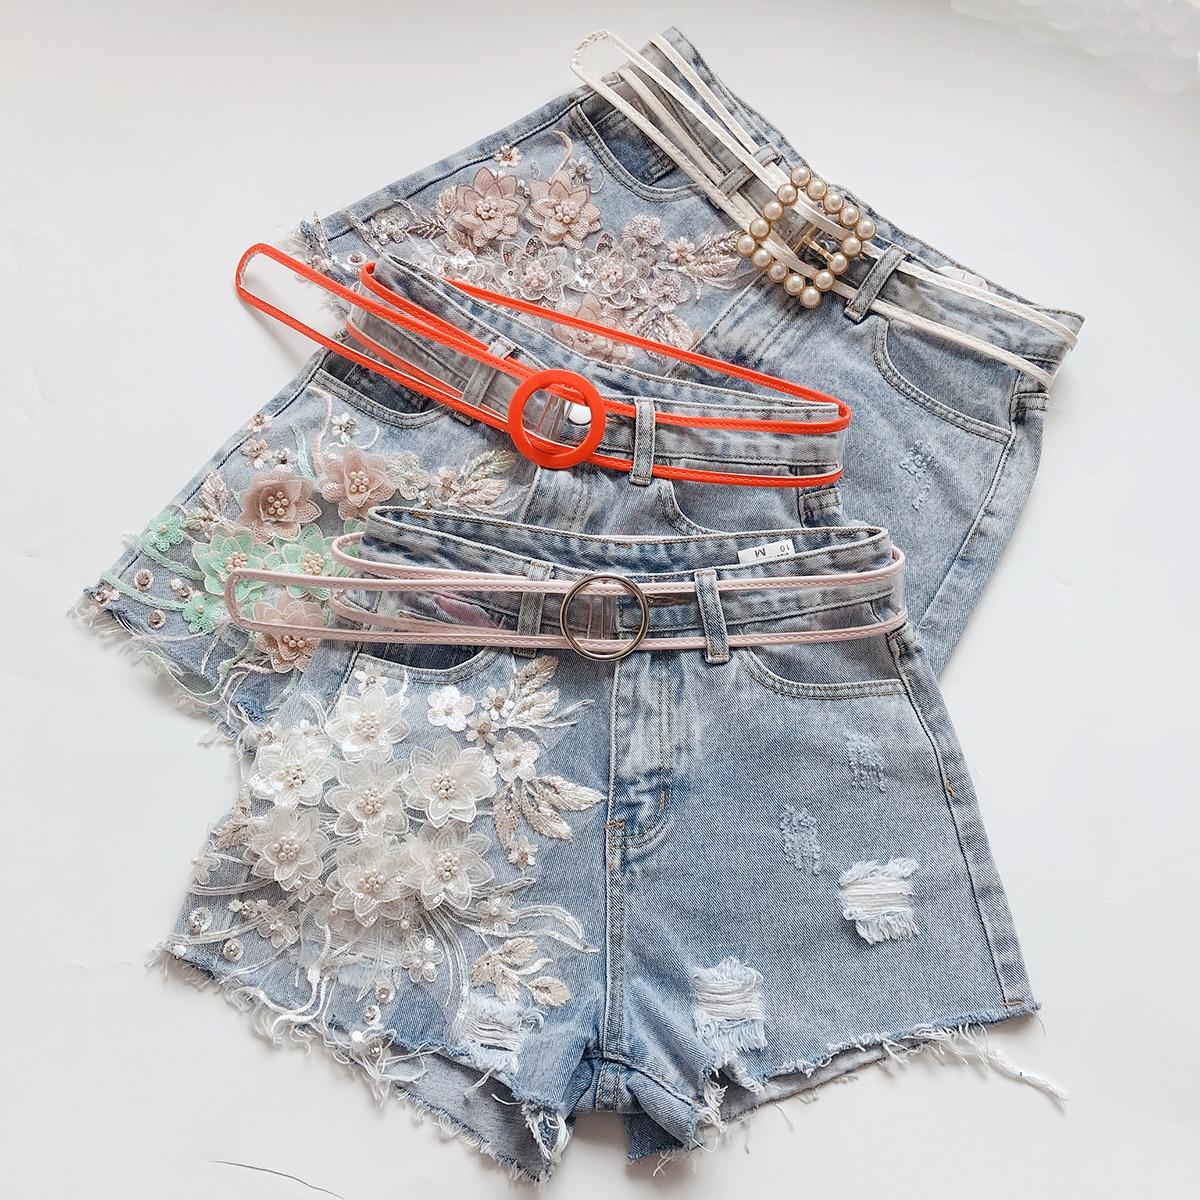 0384e28a7de Pantalones-vaqueros-pantalones-cortos-de-las-mujeres -amplia-pierna-pantalones-agujeros-perla-bordado-lentejuelas-3D-flor.jpg